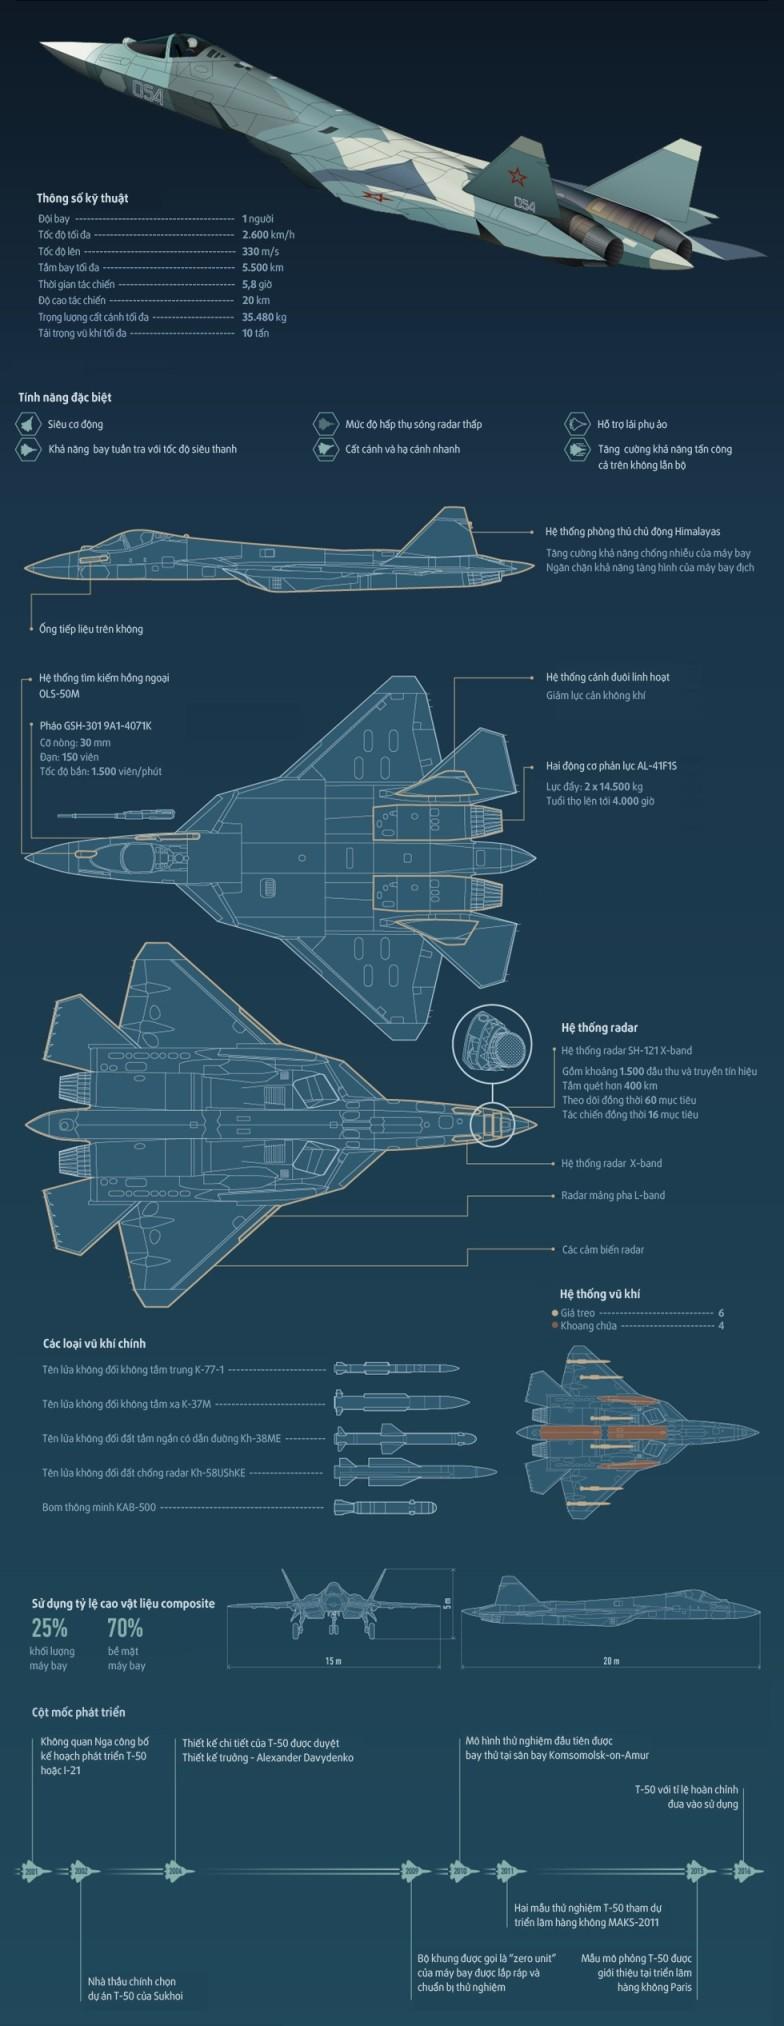 T-50, chiến đấu cơ thế hệ mới nhất của Nga ảnh 1